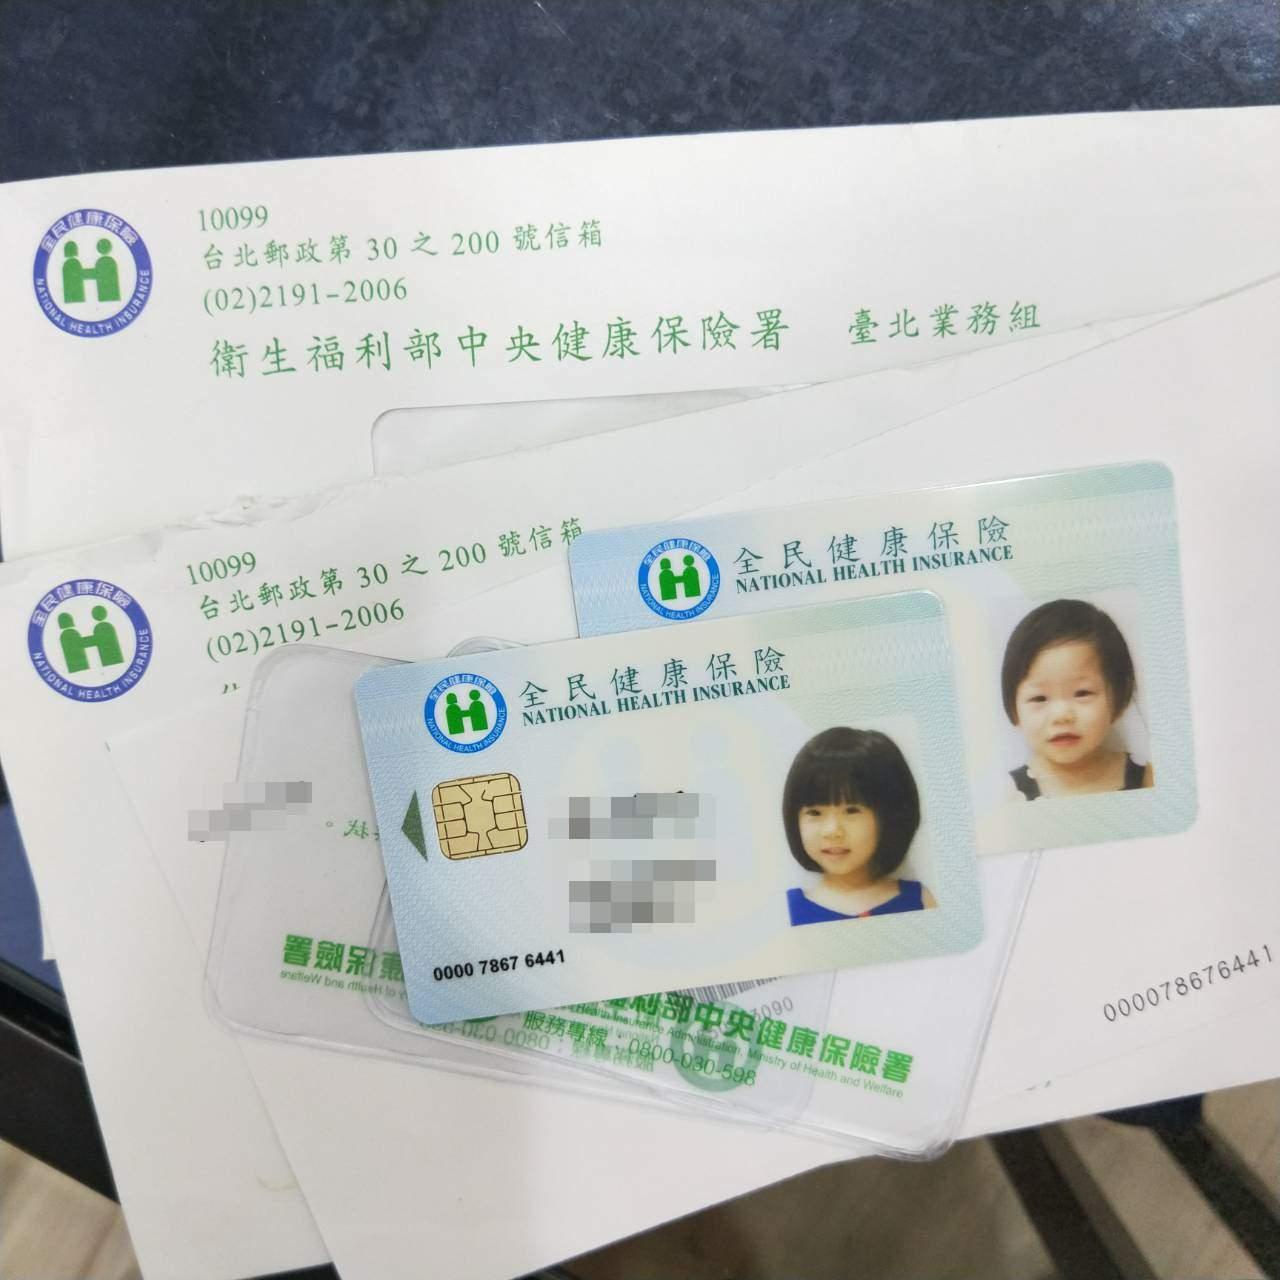 [生活]健保卡換照片投保紀錄查詢皆可使用手機APP搞定